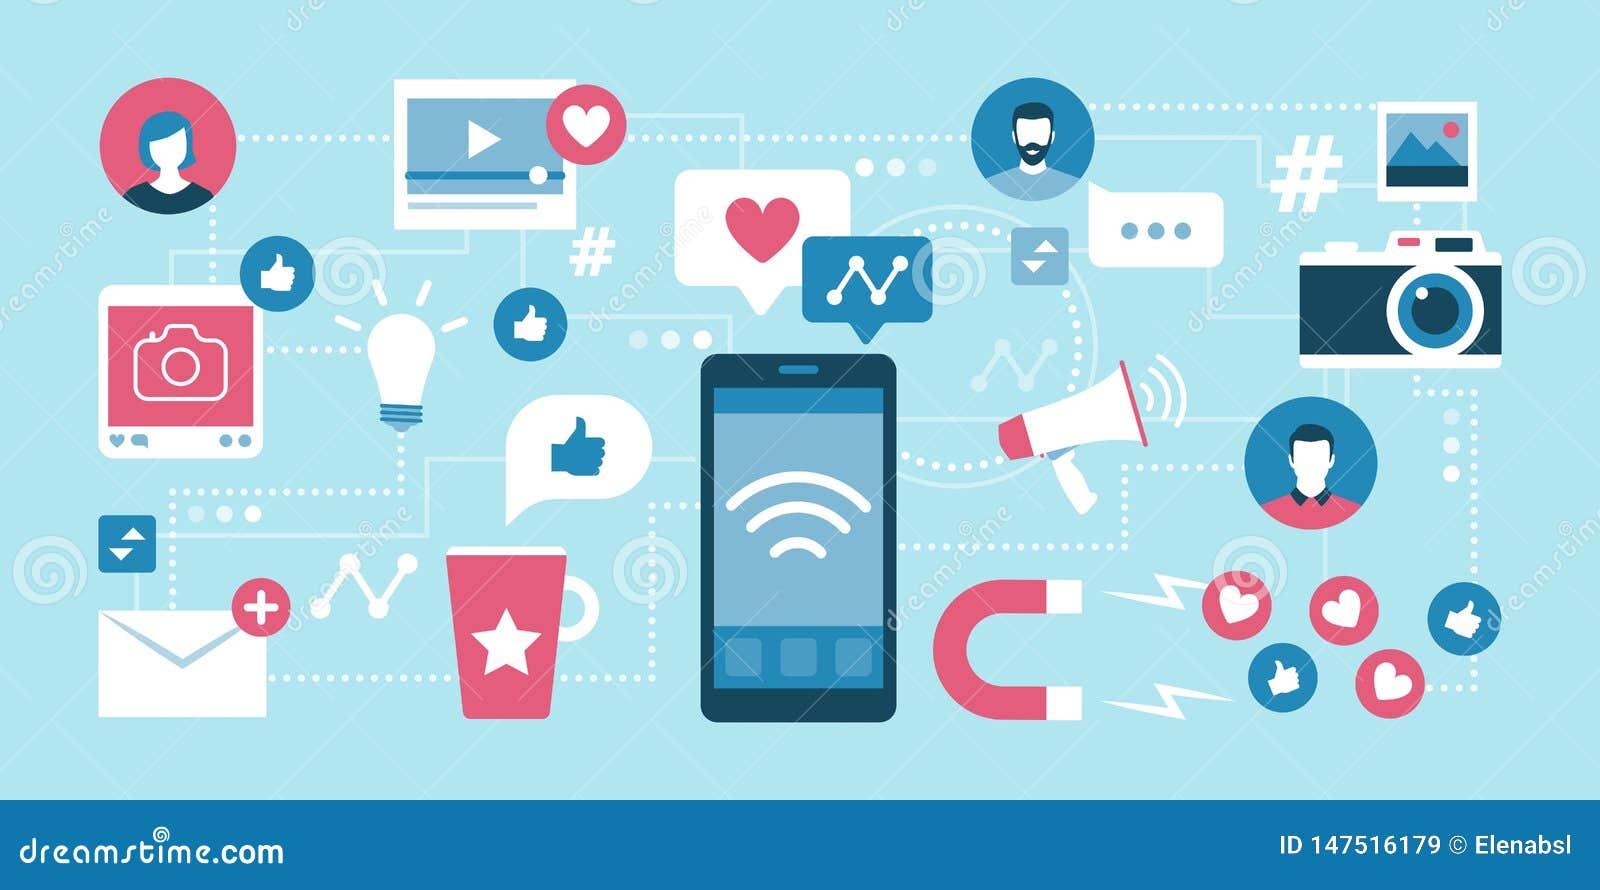 Socialt massmedia ledning och kommunikation